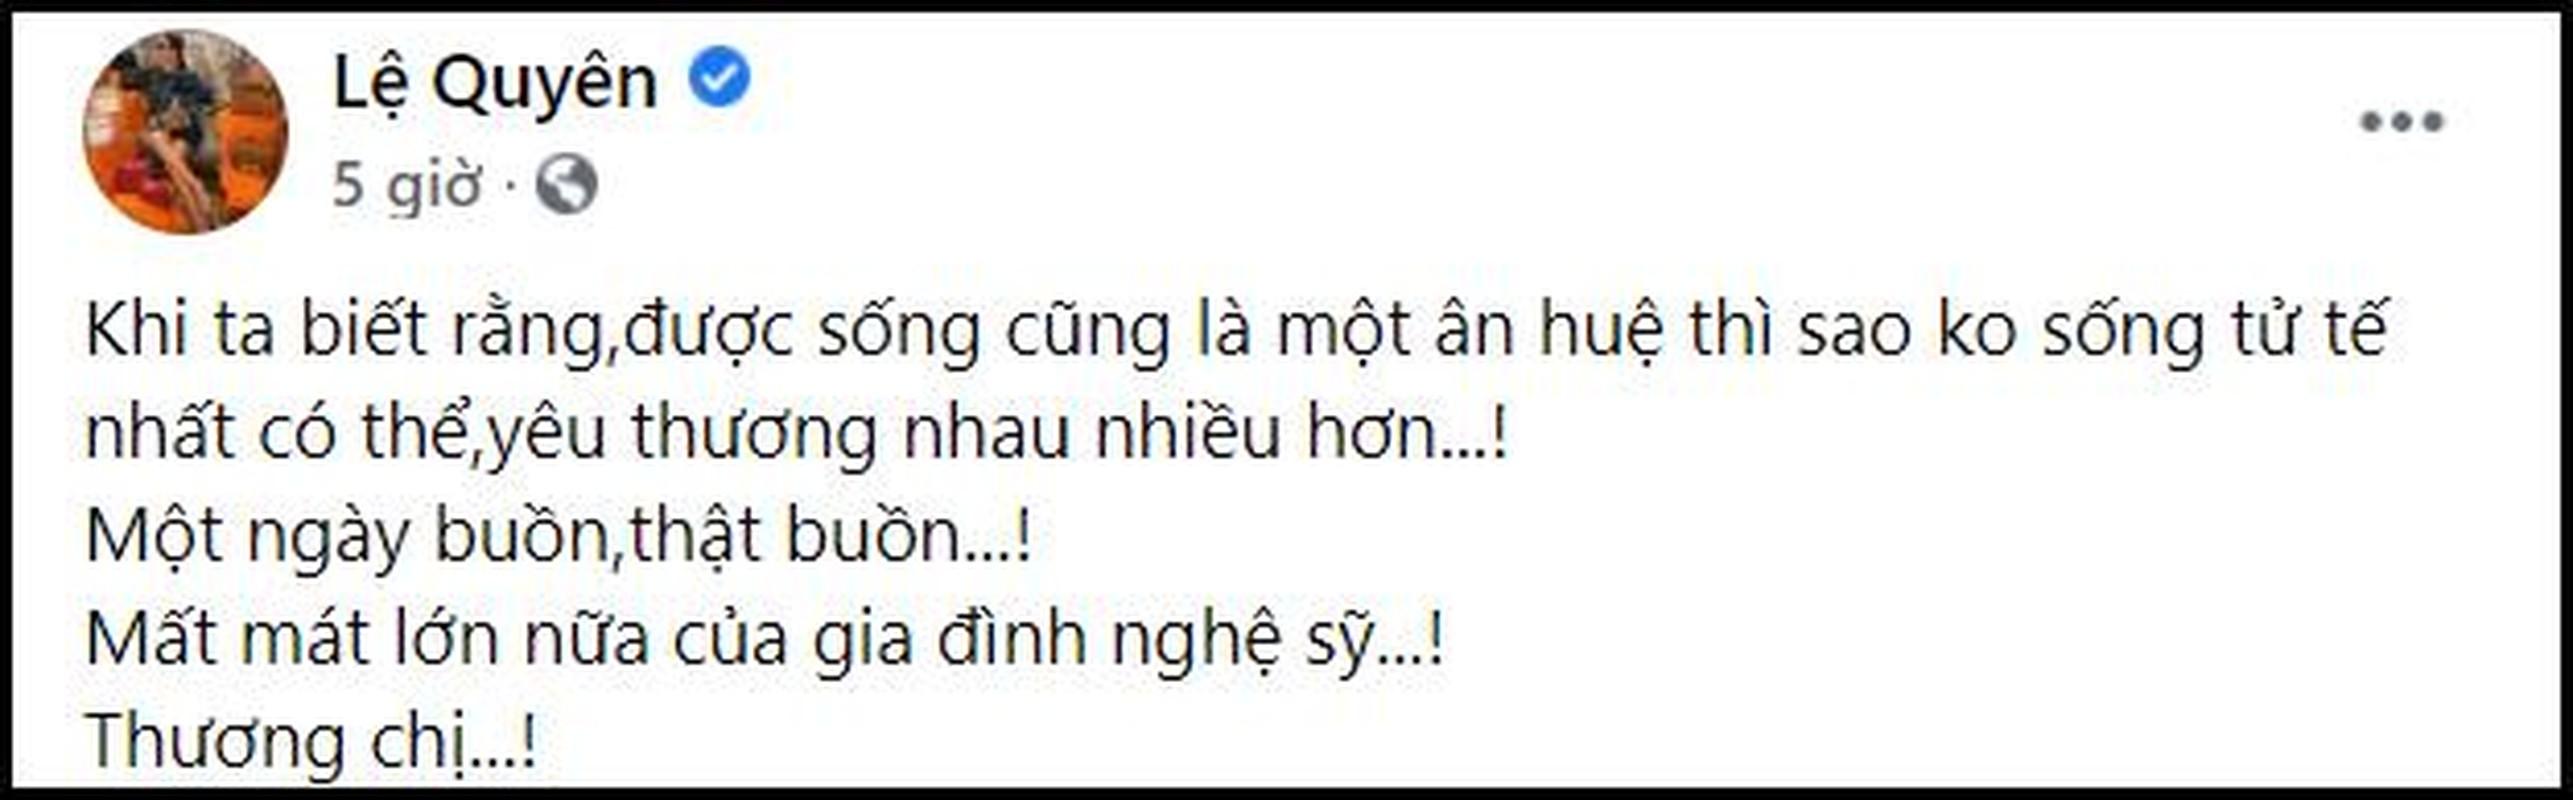 Tranh cai hanh dong cua Le Quyen ngay Phi Nhung qua doi-Hinh-2